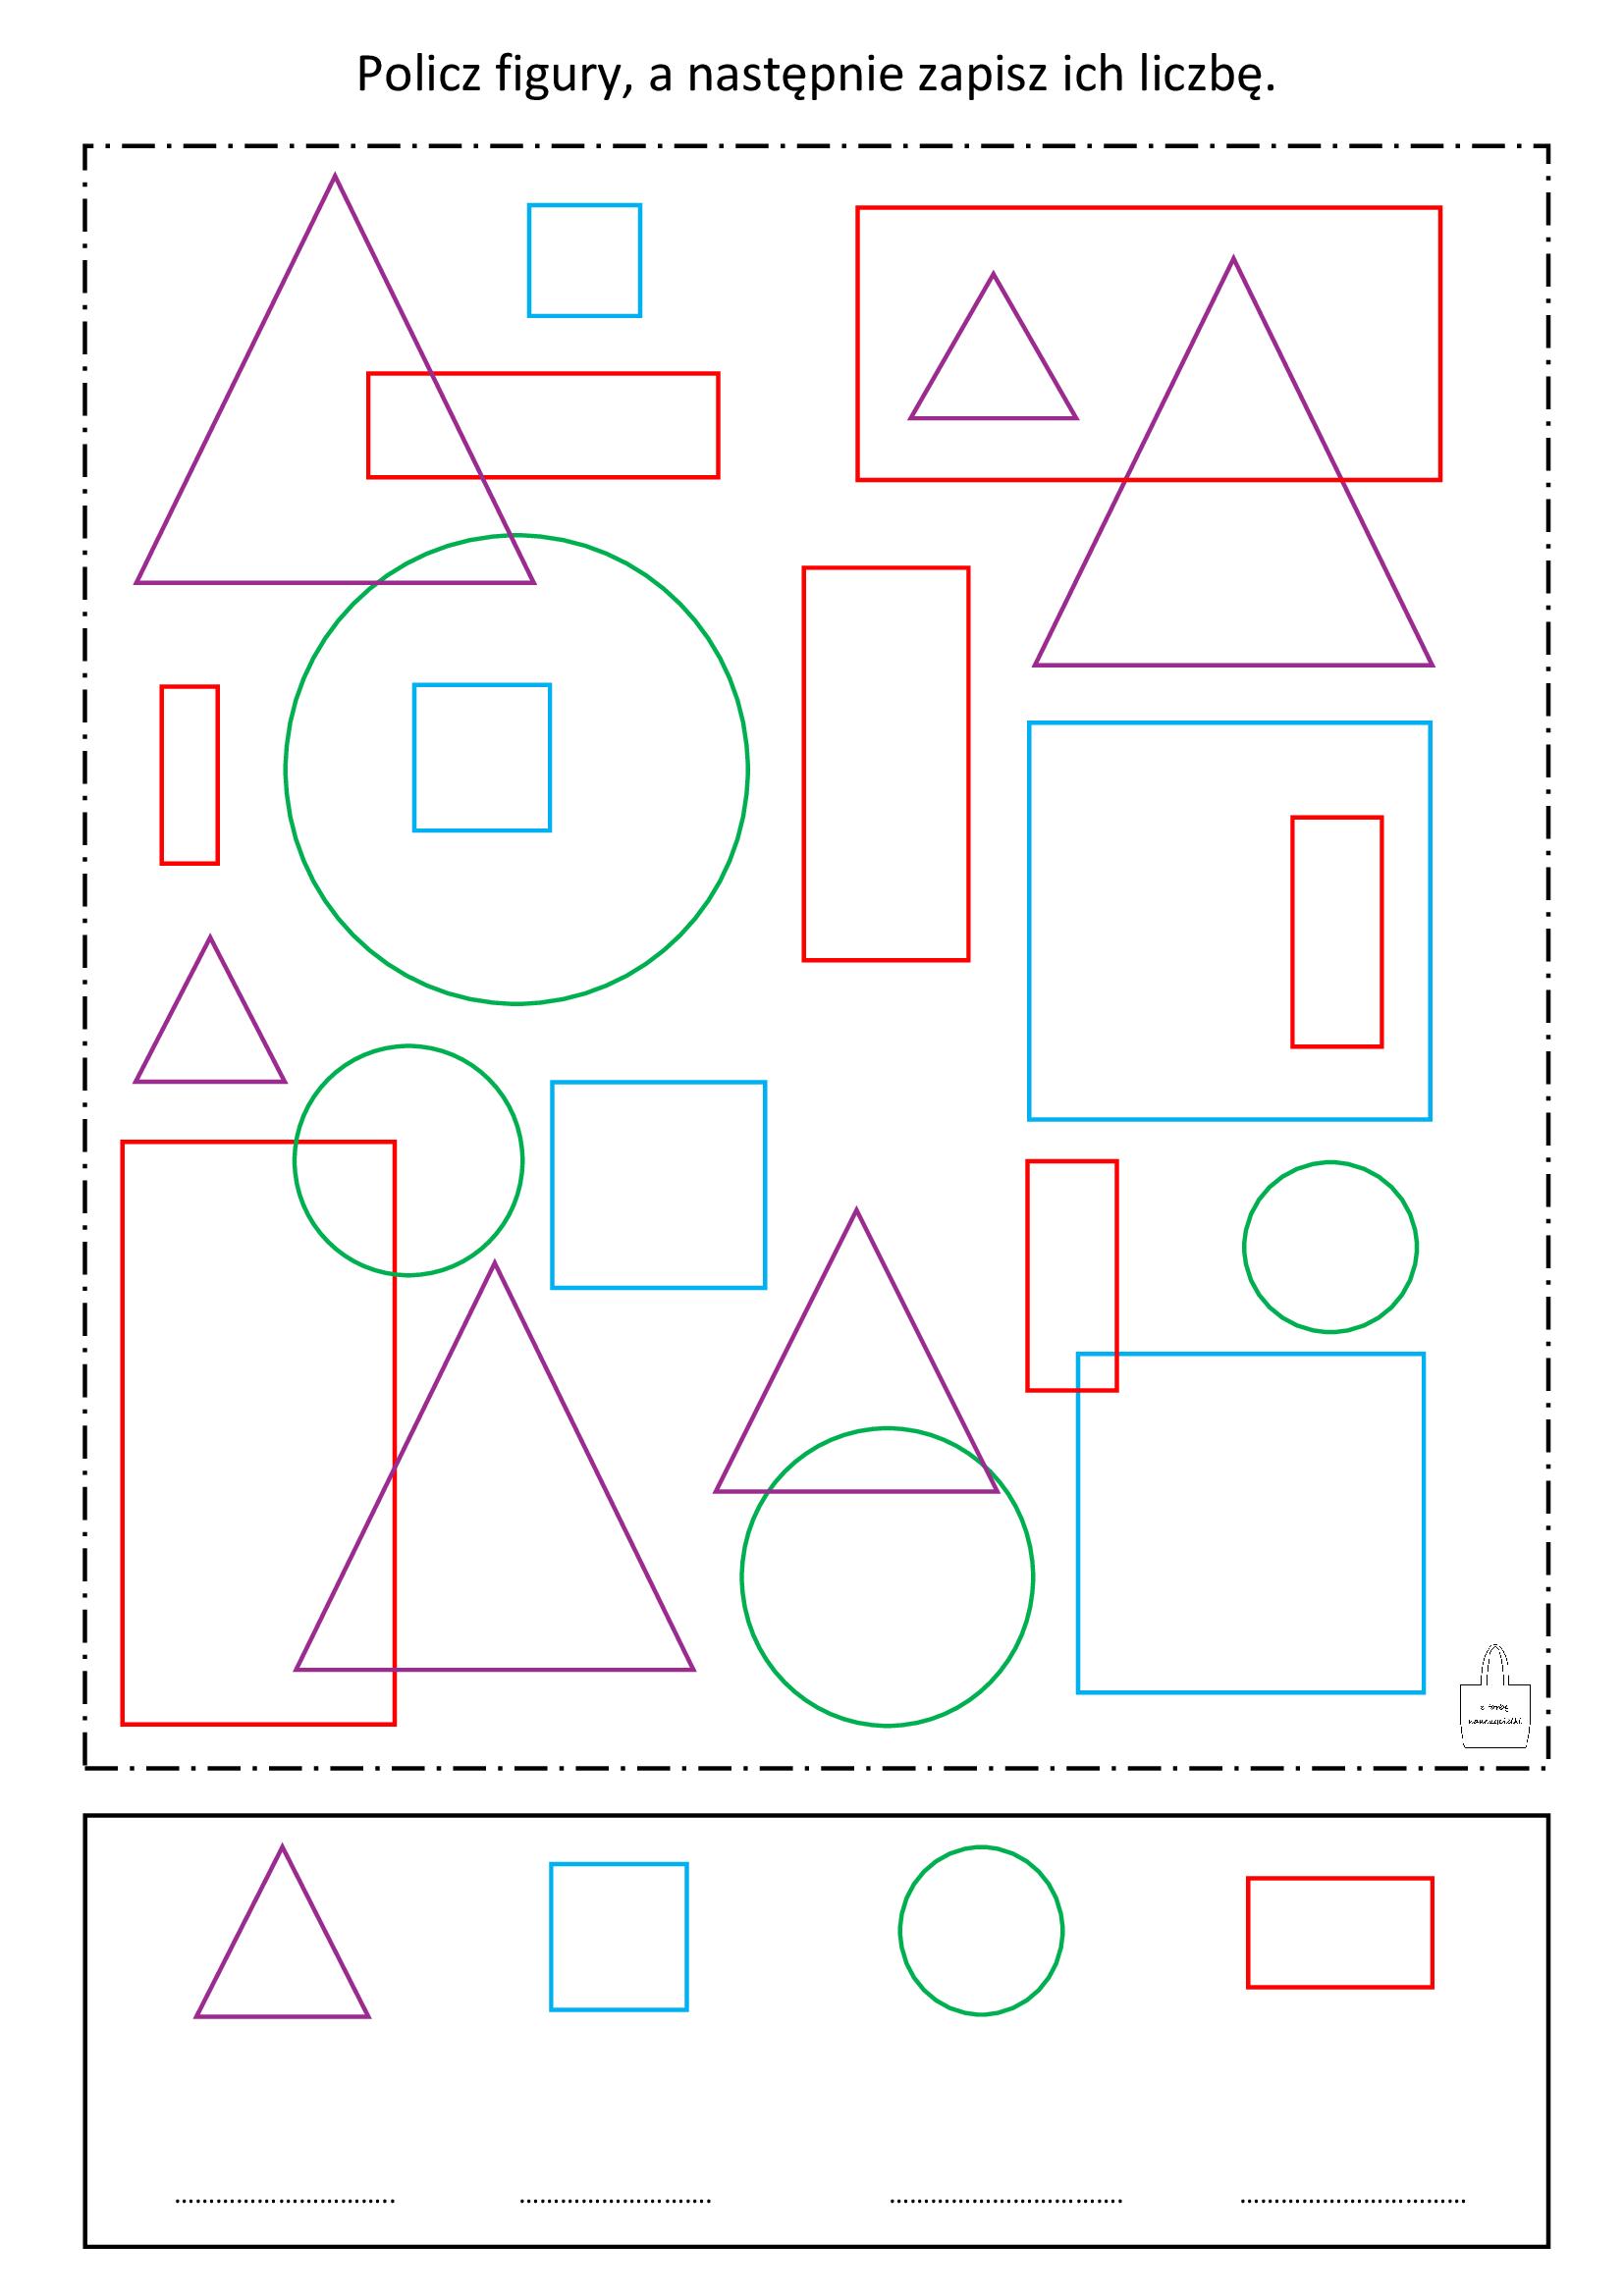 figury geometryczne - policz i zapisz - ztorbynauczycielki